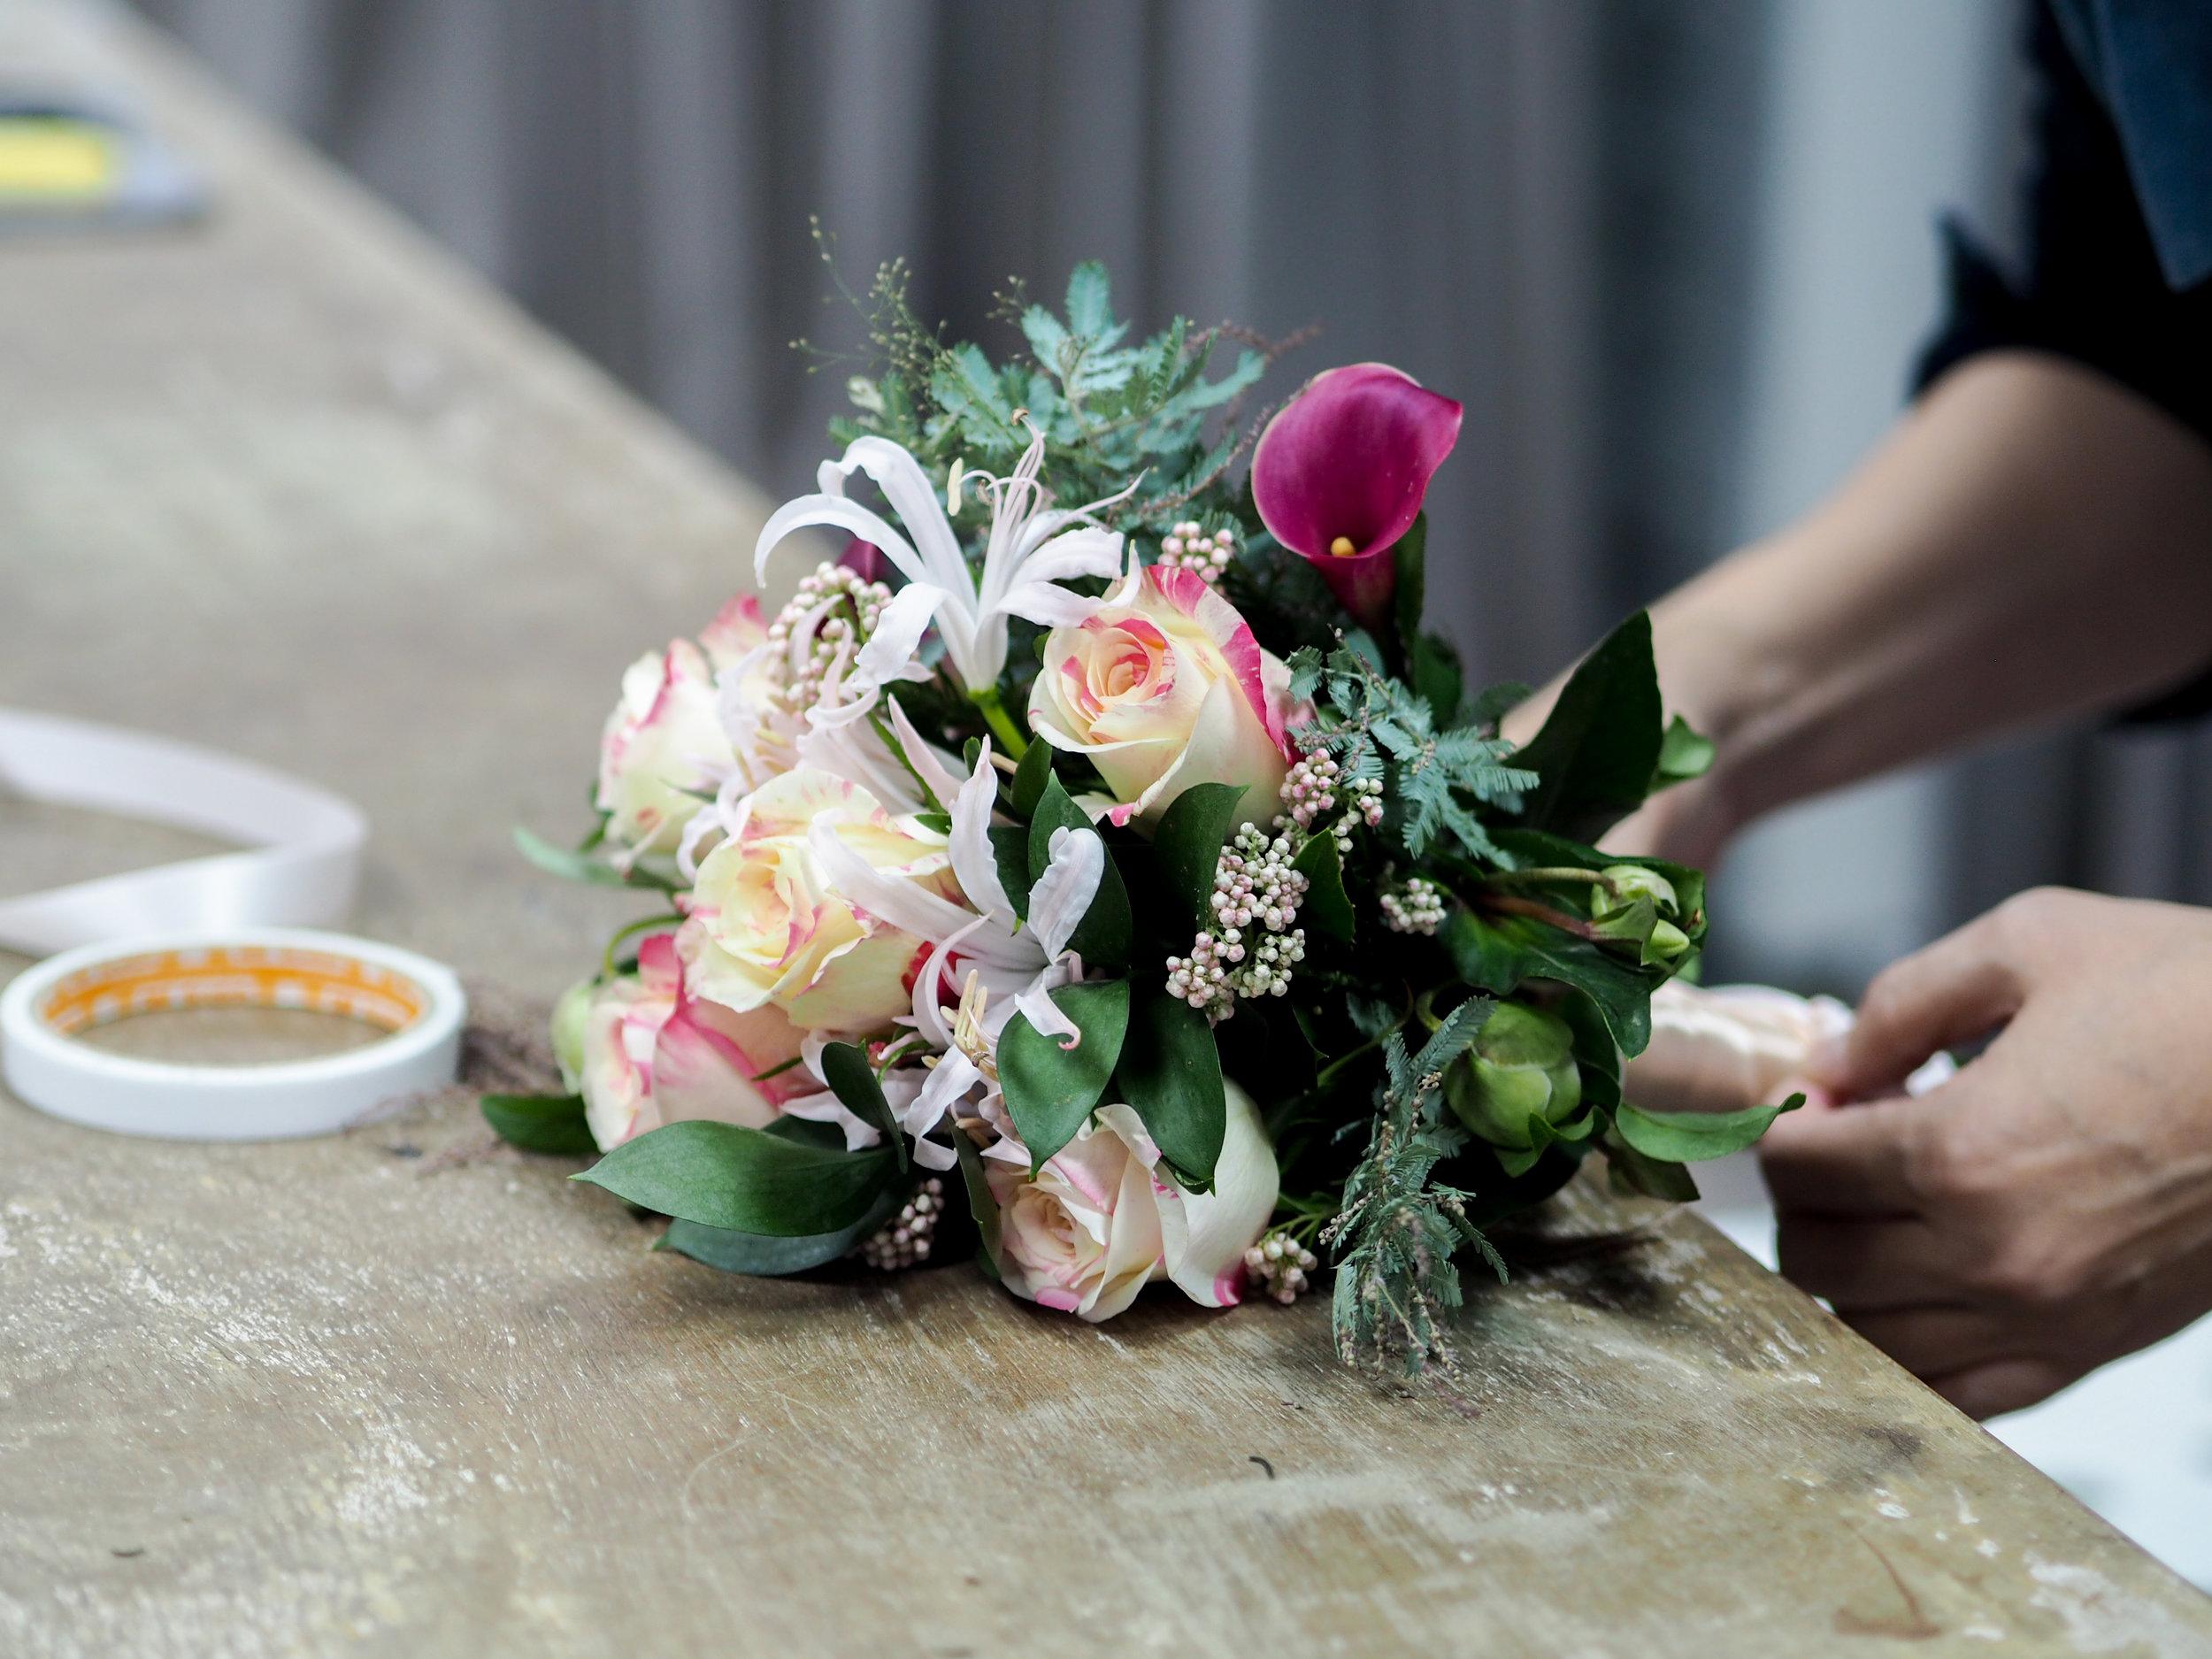 Flower Workshop 花藝課程  - 每個月都會推出不同的主題課程,有專業連課也有單堂體驗課,邀請大家一起來玩花。希望能透過手作花藝的美好傳遞我們愛花的心念。